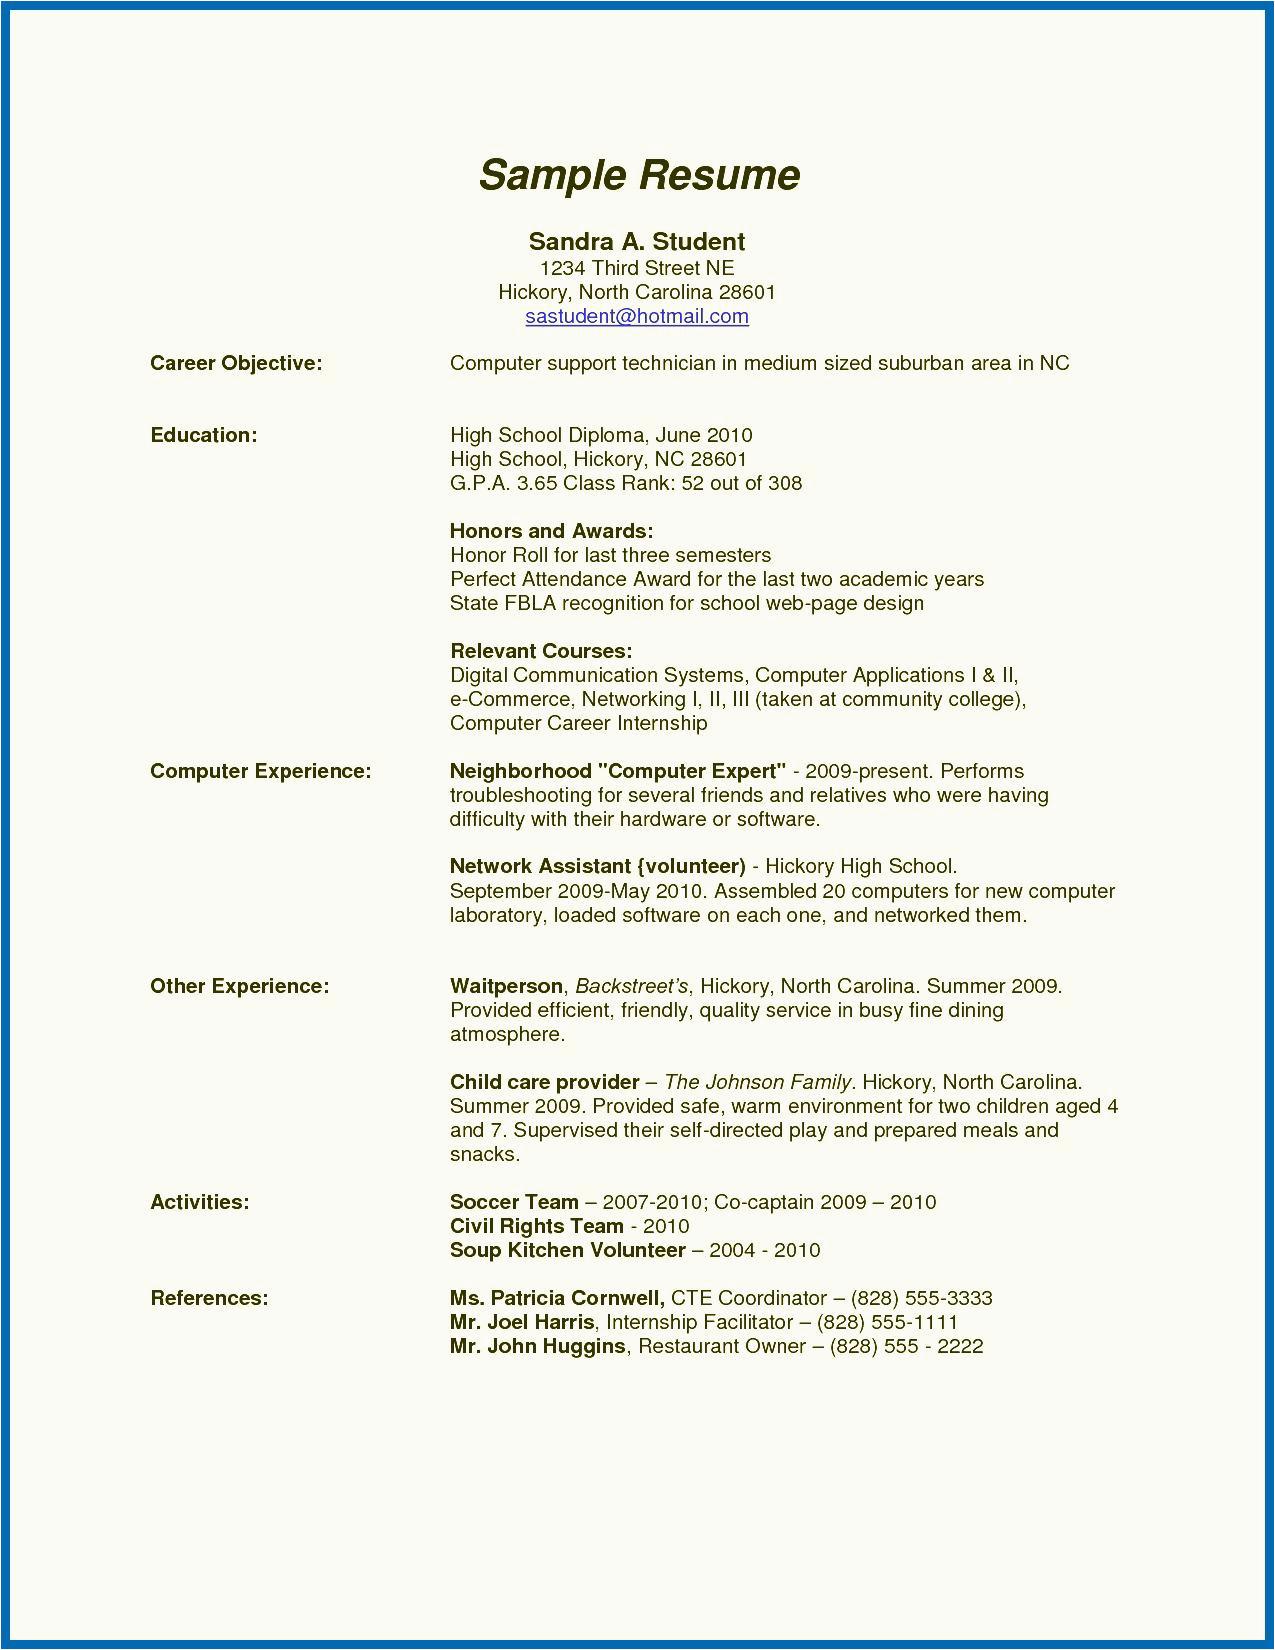 Sample Resume for Summer Job College Student Philippines 11 12 High School Resume for Summer Job Aikenexplorer